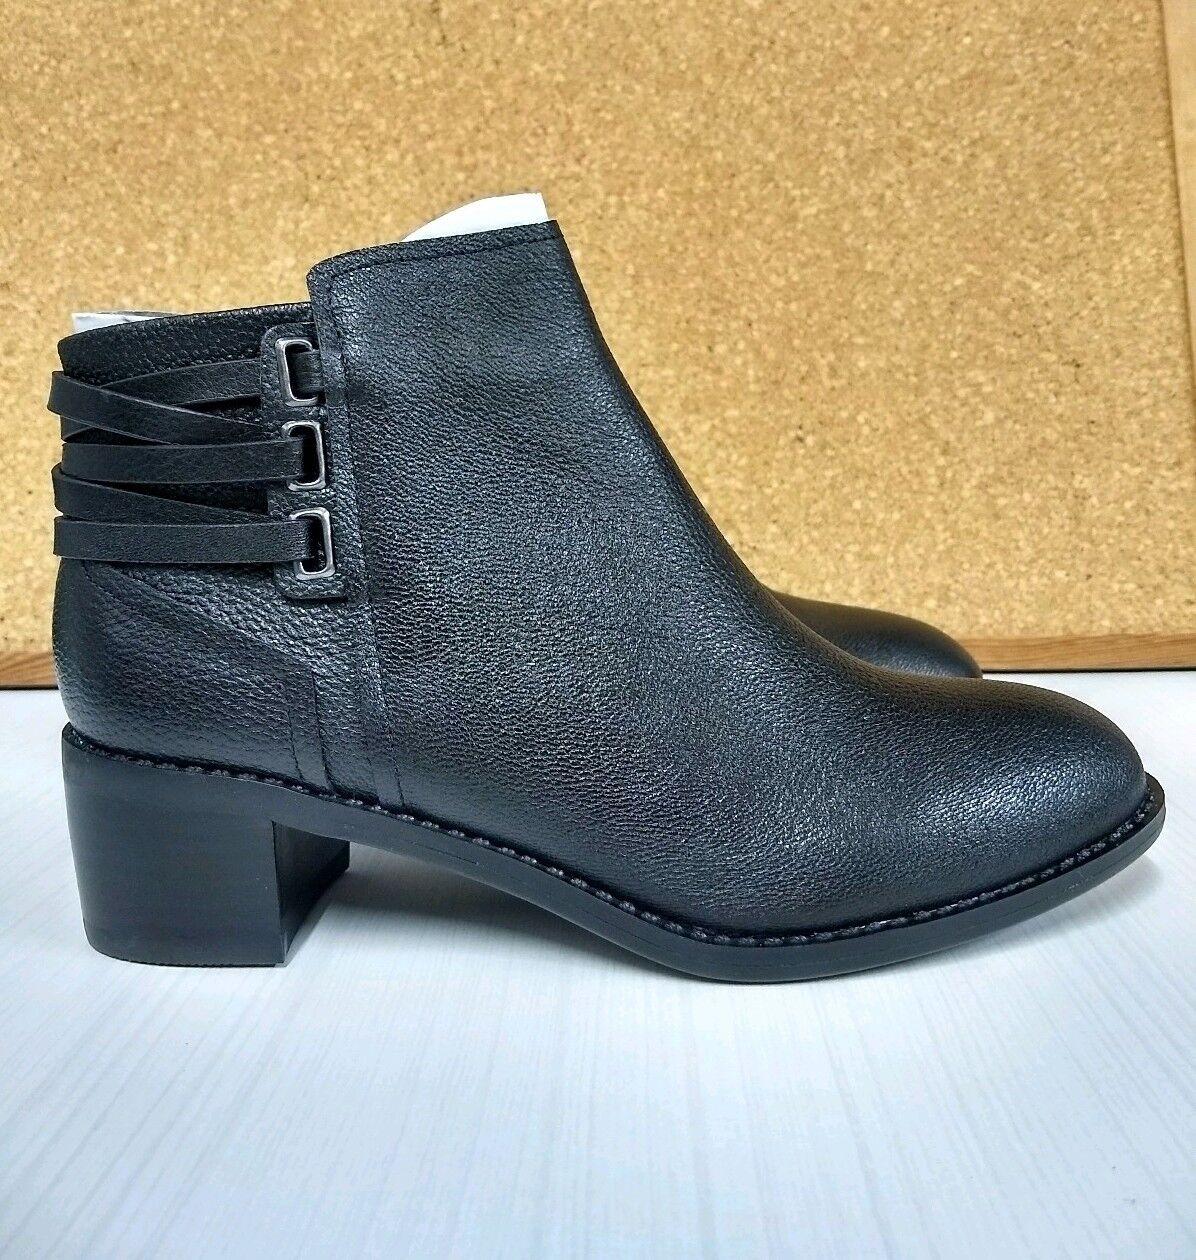 586ea712 Nuevo para botas de cuero Marks & Spencer UK5.5. Tacón de 5cm. 38.5 Euro  mujer negro nhazoy9358-Botas